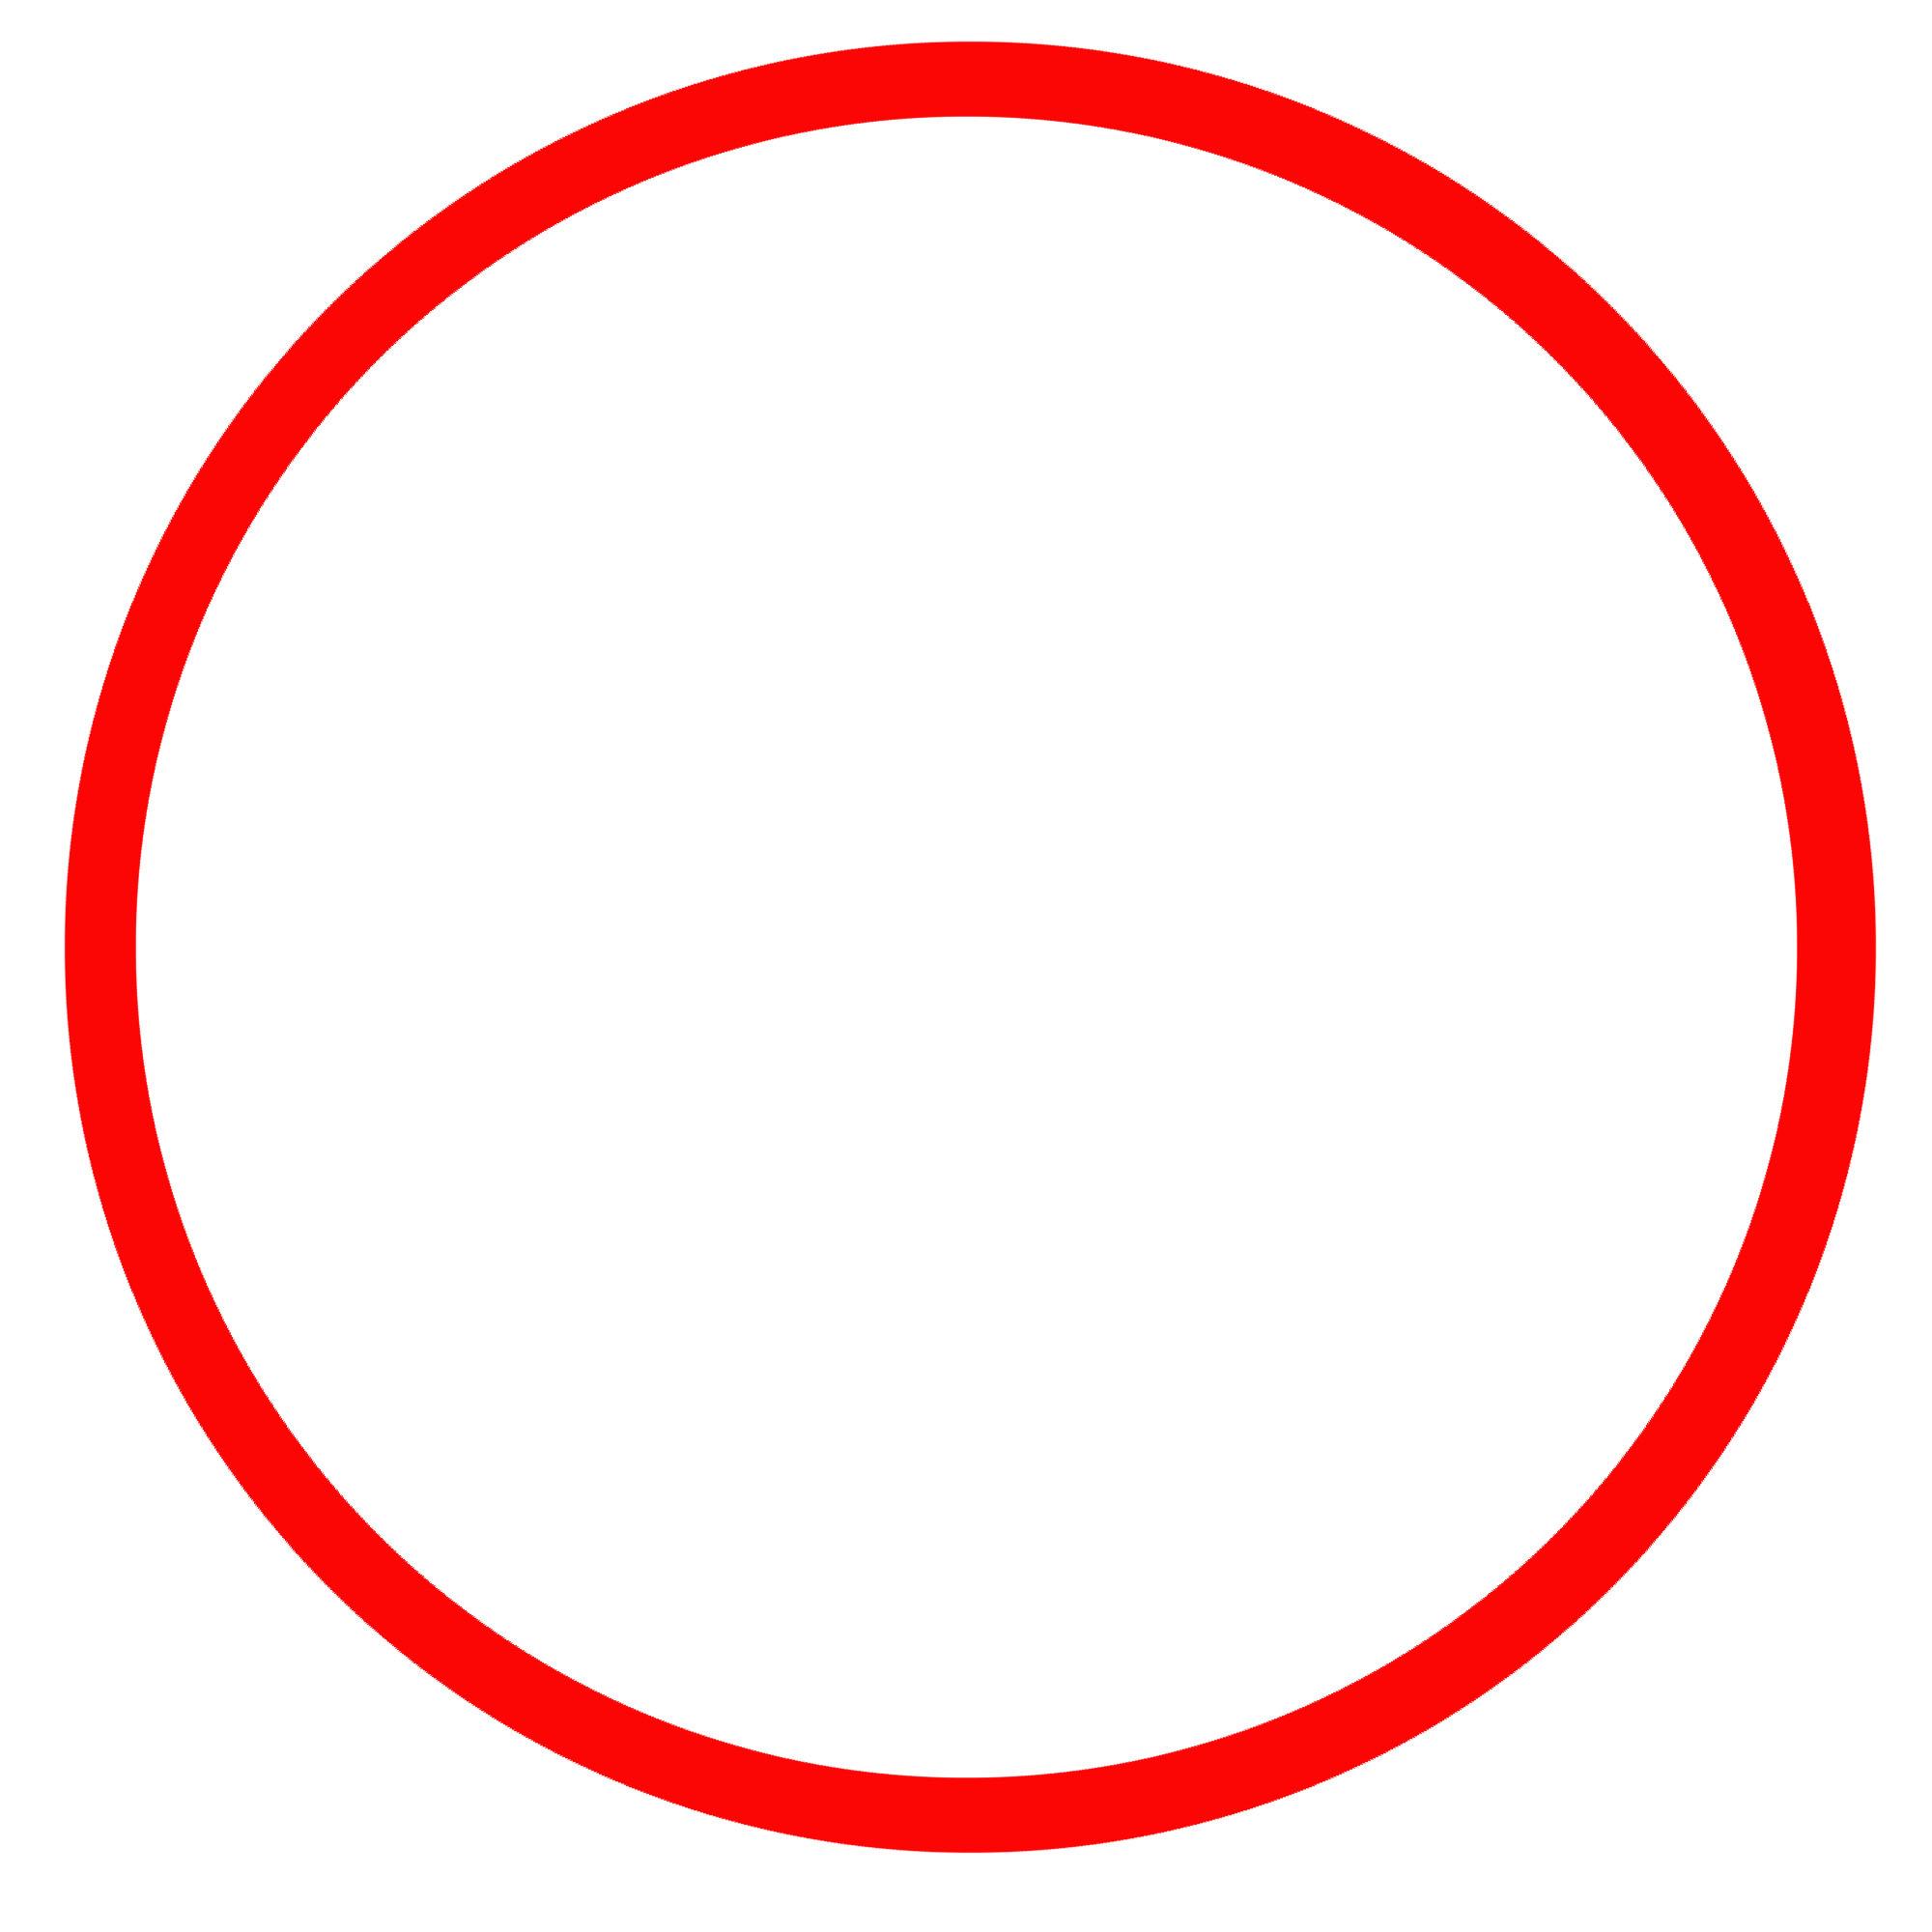 Red Circle Image.